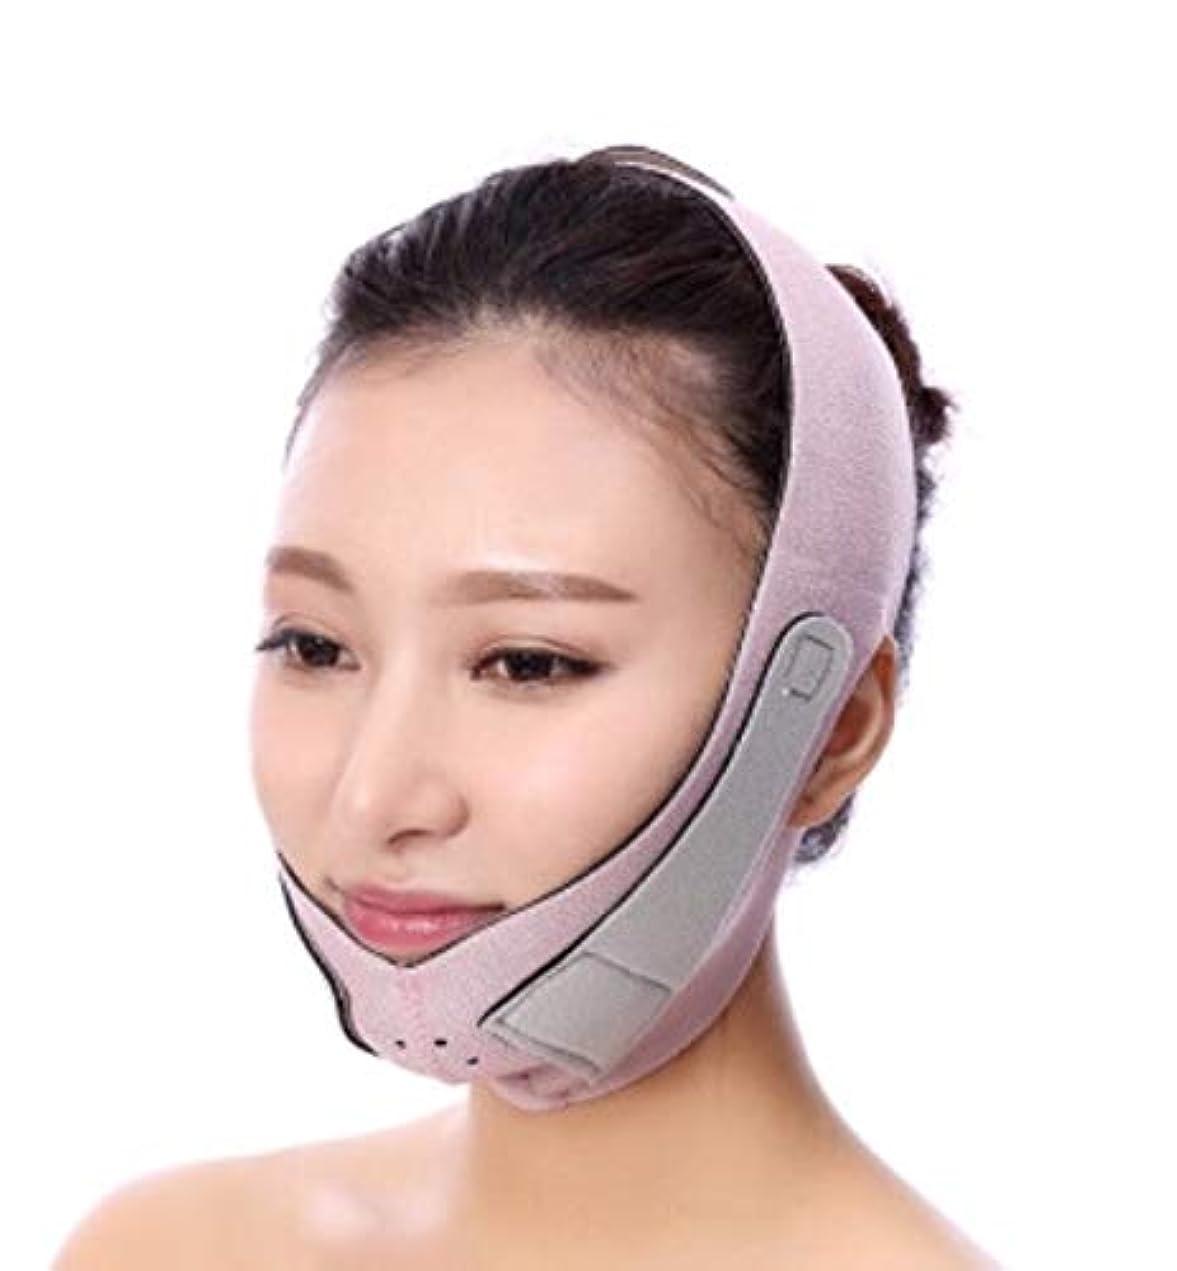 代表する決済未接続Trust Contact リフトアップベルト 小顔マスク 矯正 小顔 リフトアップ フェイス 顔痩せ マスク